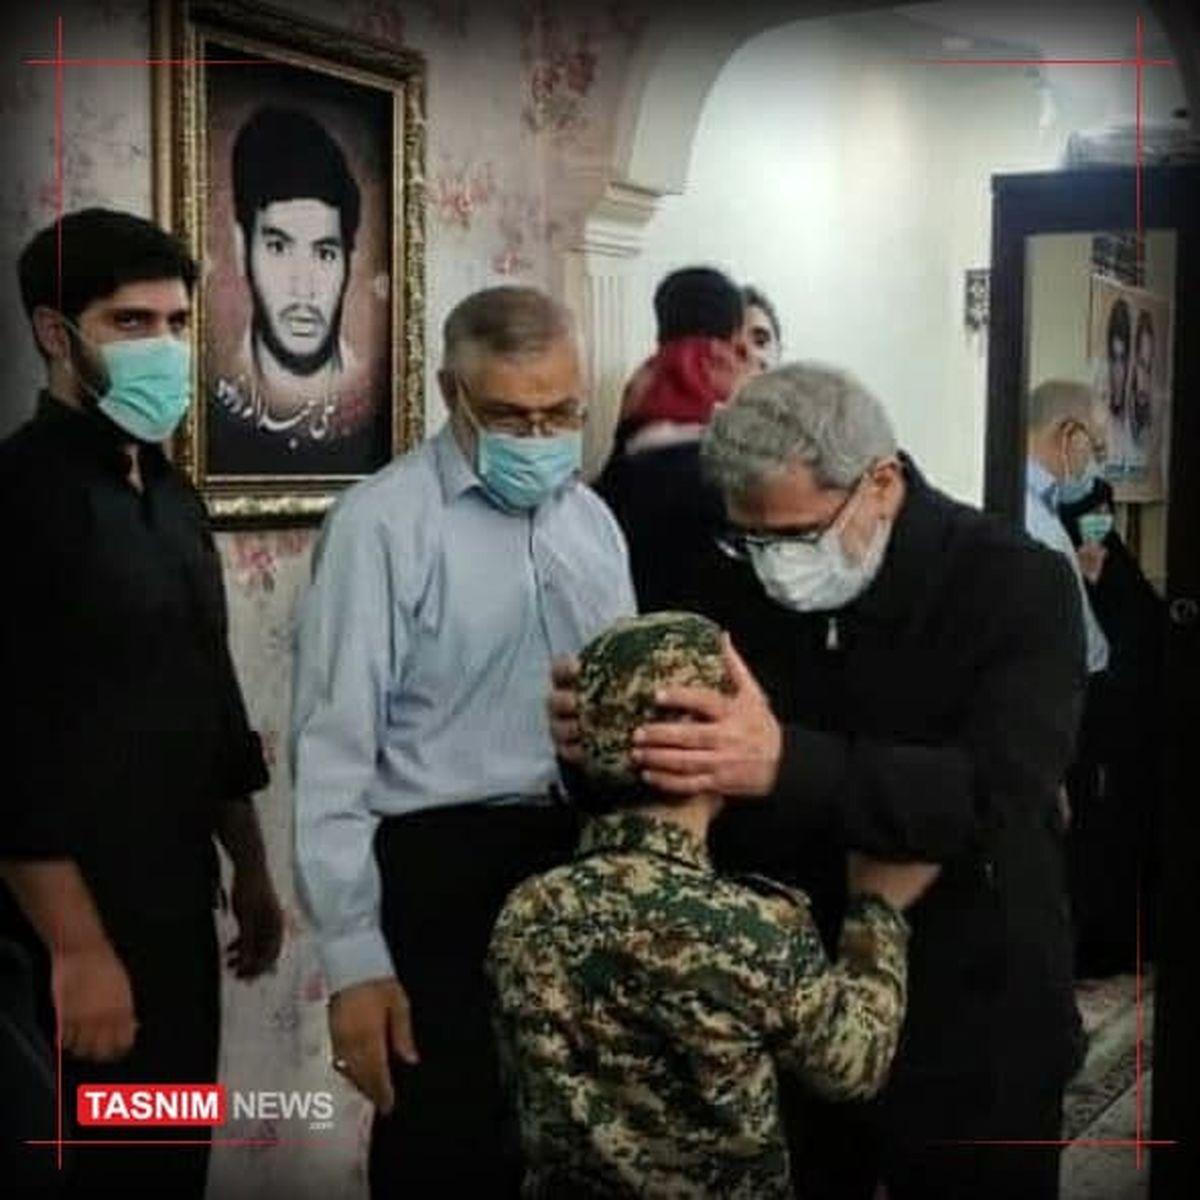 دیدار سردار قاآنی با خانواده شهید «عبداللهزاده» +عکس